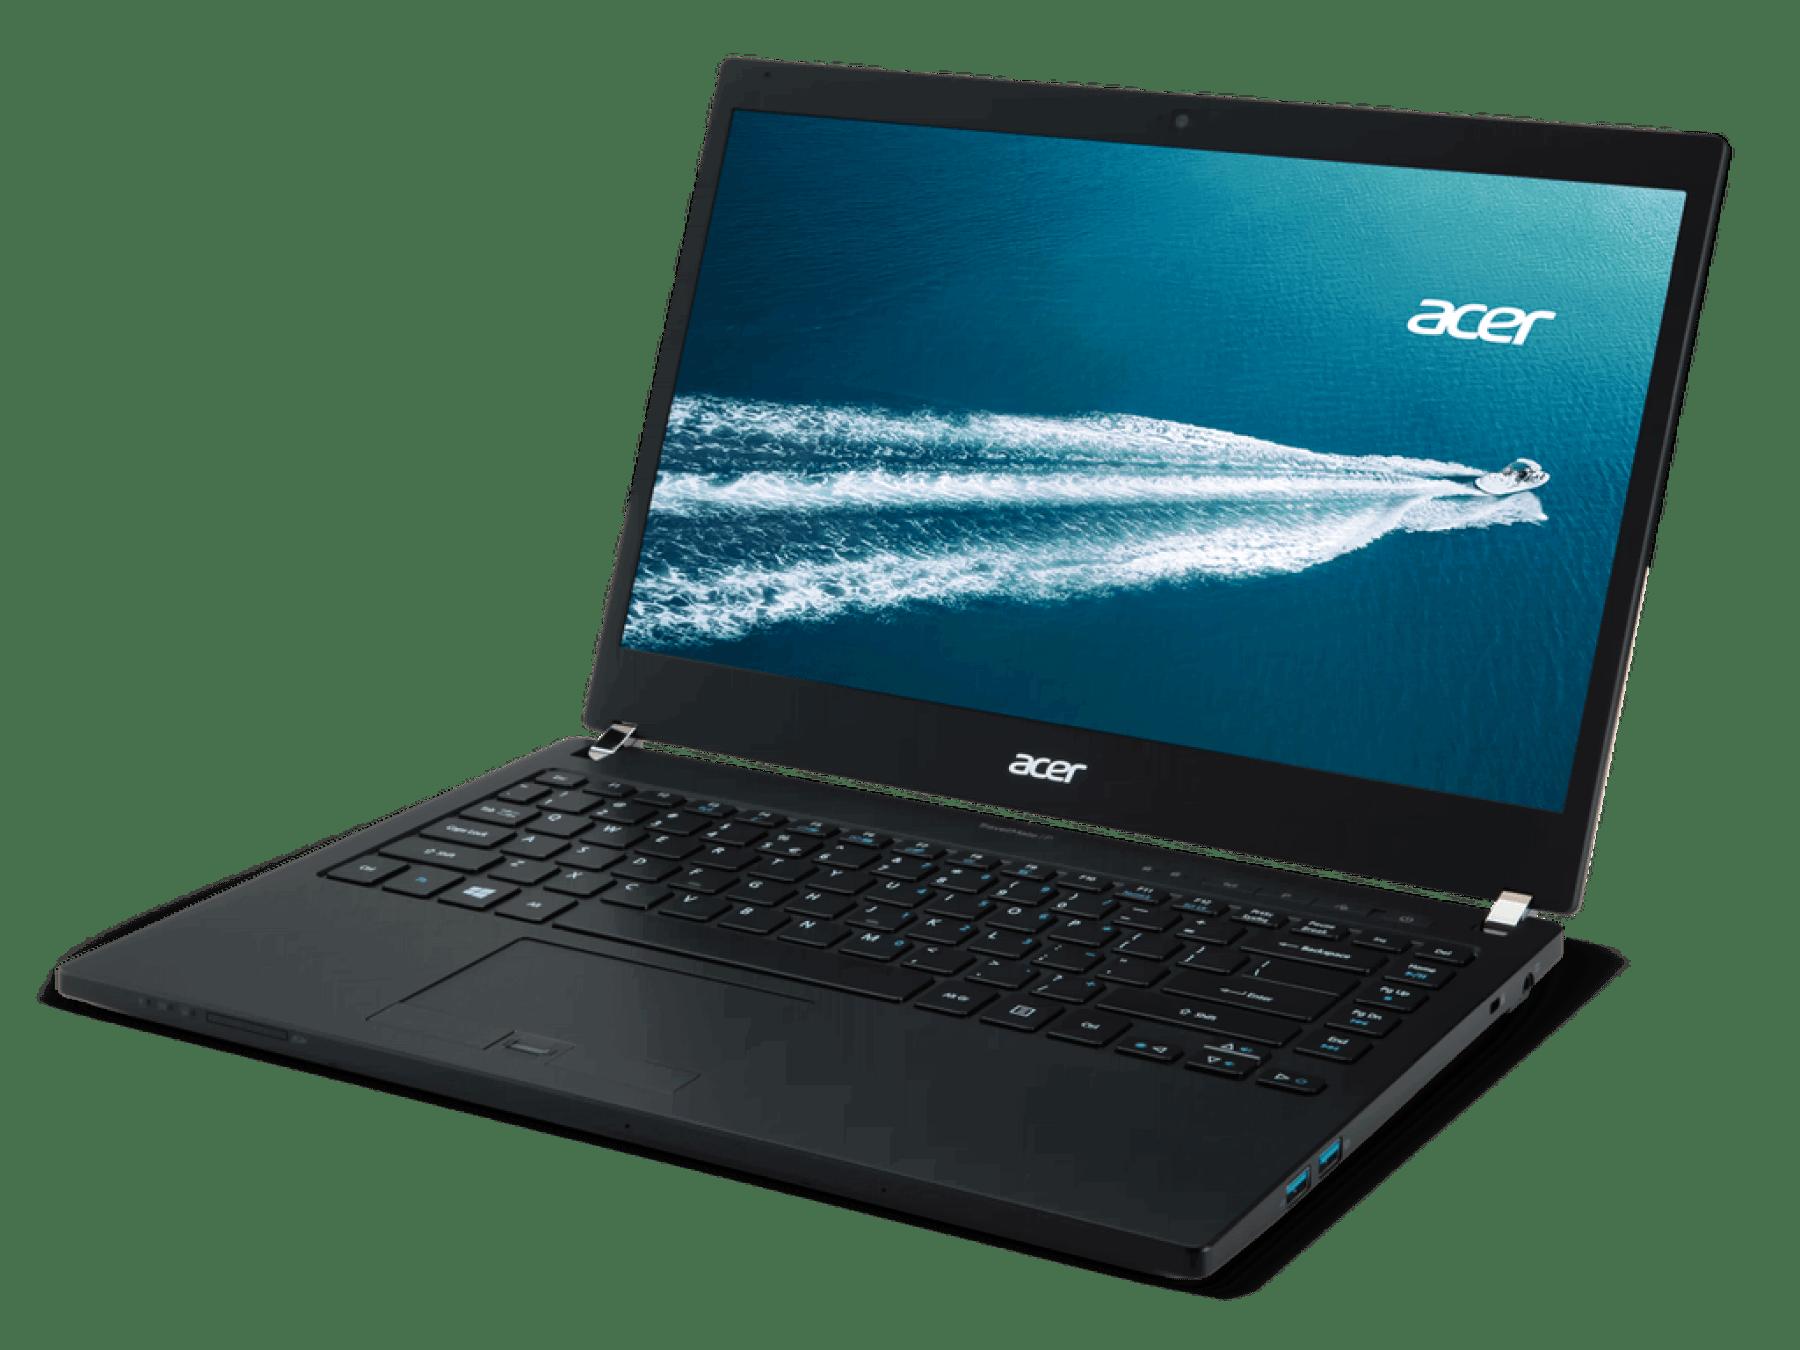 acer serwis laptopów